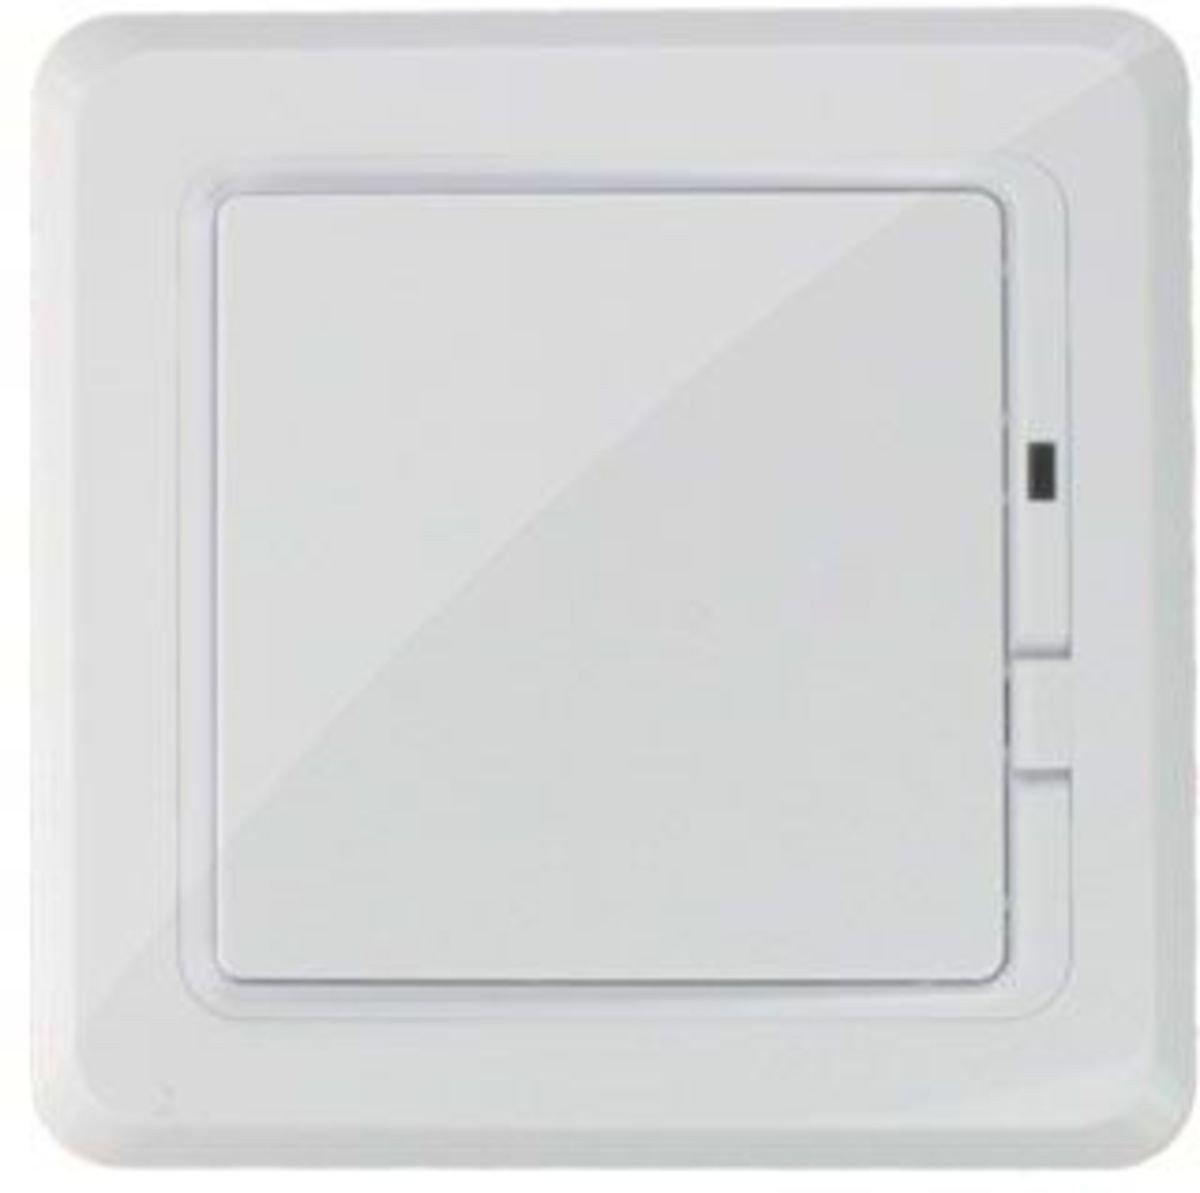 LUPUSEC Lichtschalter für die XT2 Plus Smarthome Alarmanlage, ermöglicht das Schalten Ihrer Zimmerbeleuchtung12046